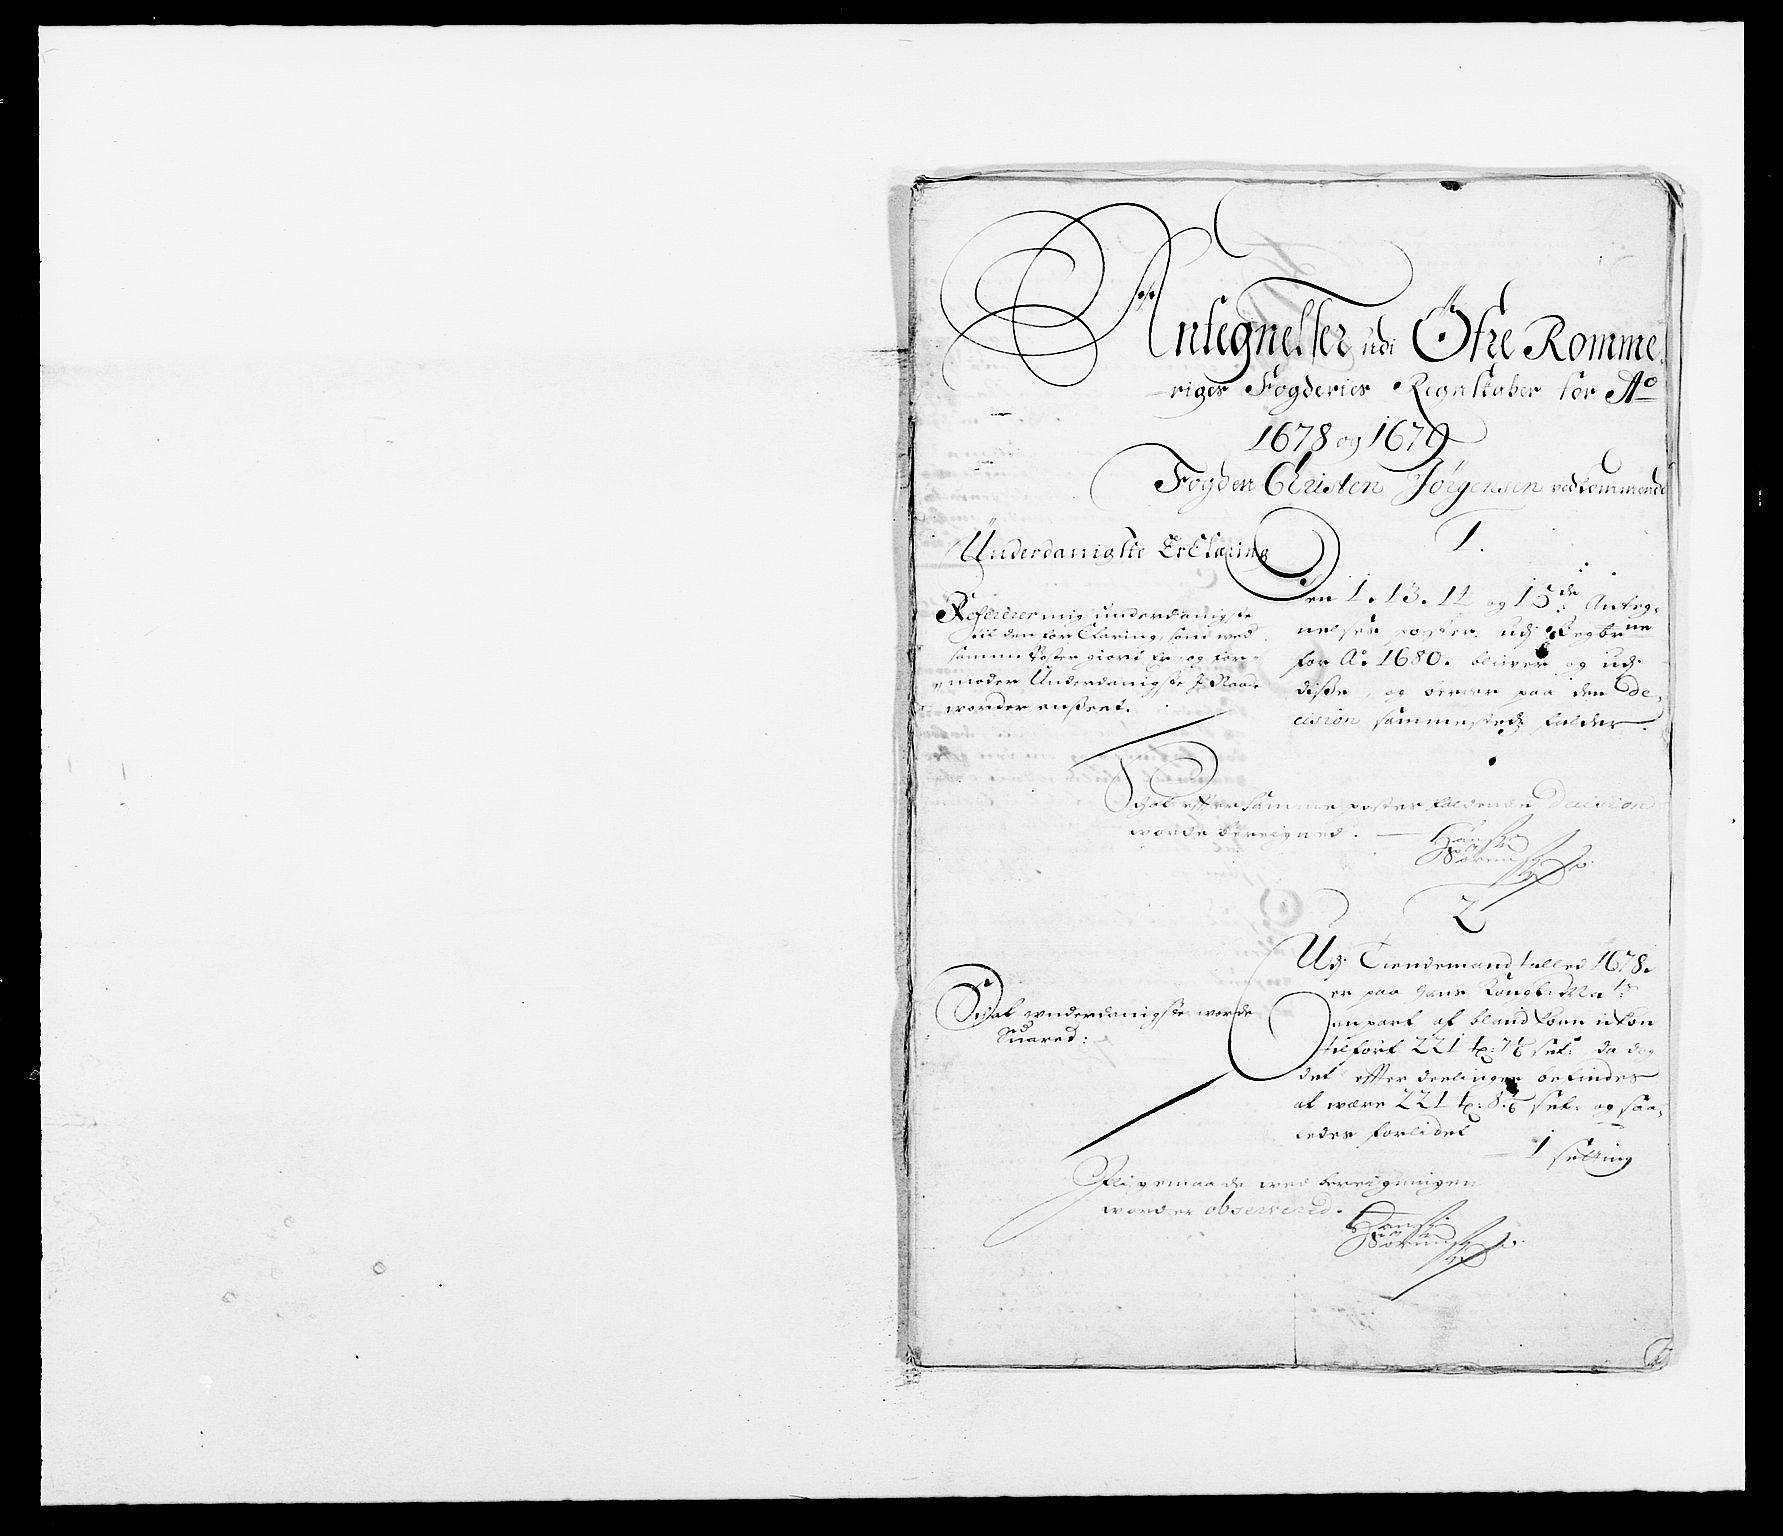 RA, Rentekammeret inntil 1814, Reviderte regnskaper, Fogderegnskap, R12/L0694: Fogderegnskap Øvre Romerike, 1678-1679, s. 266